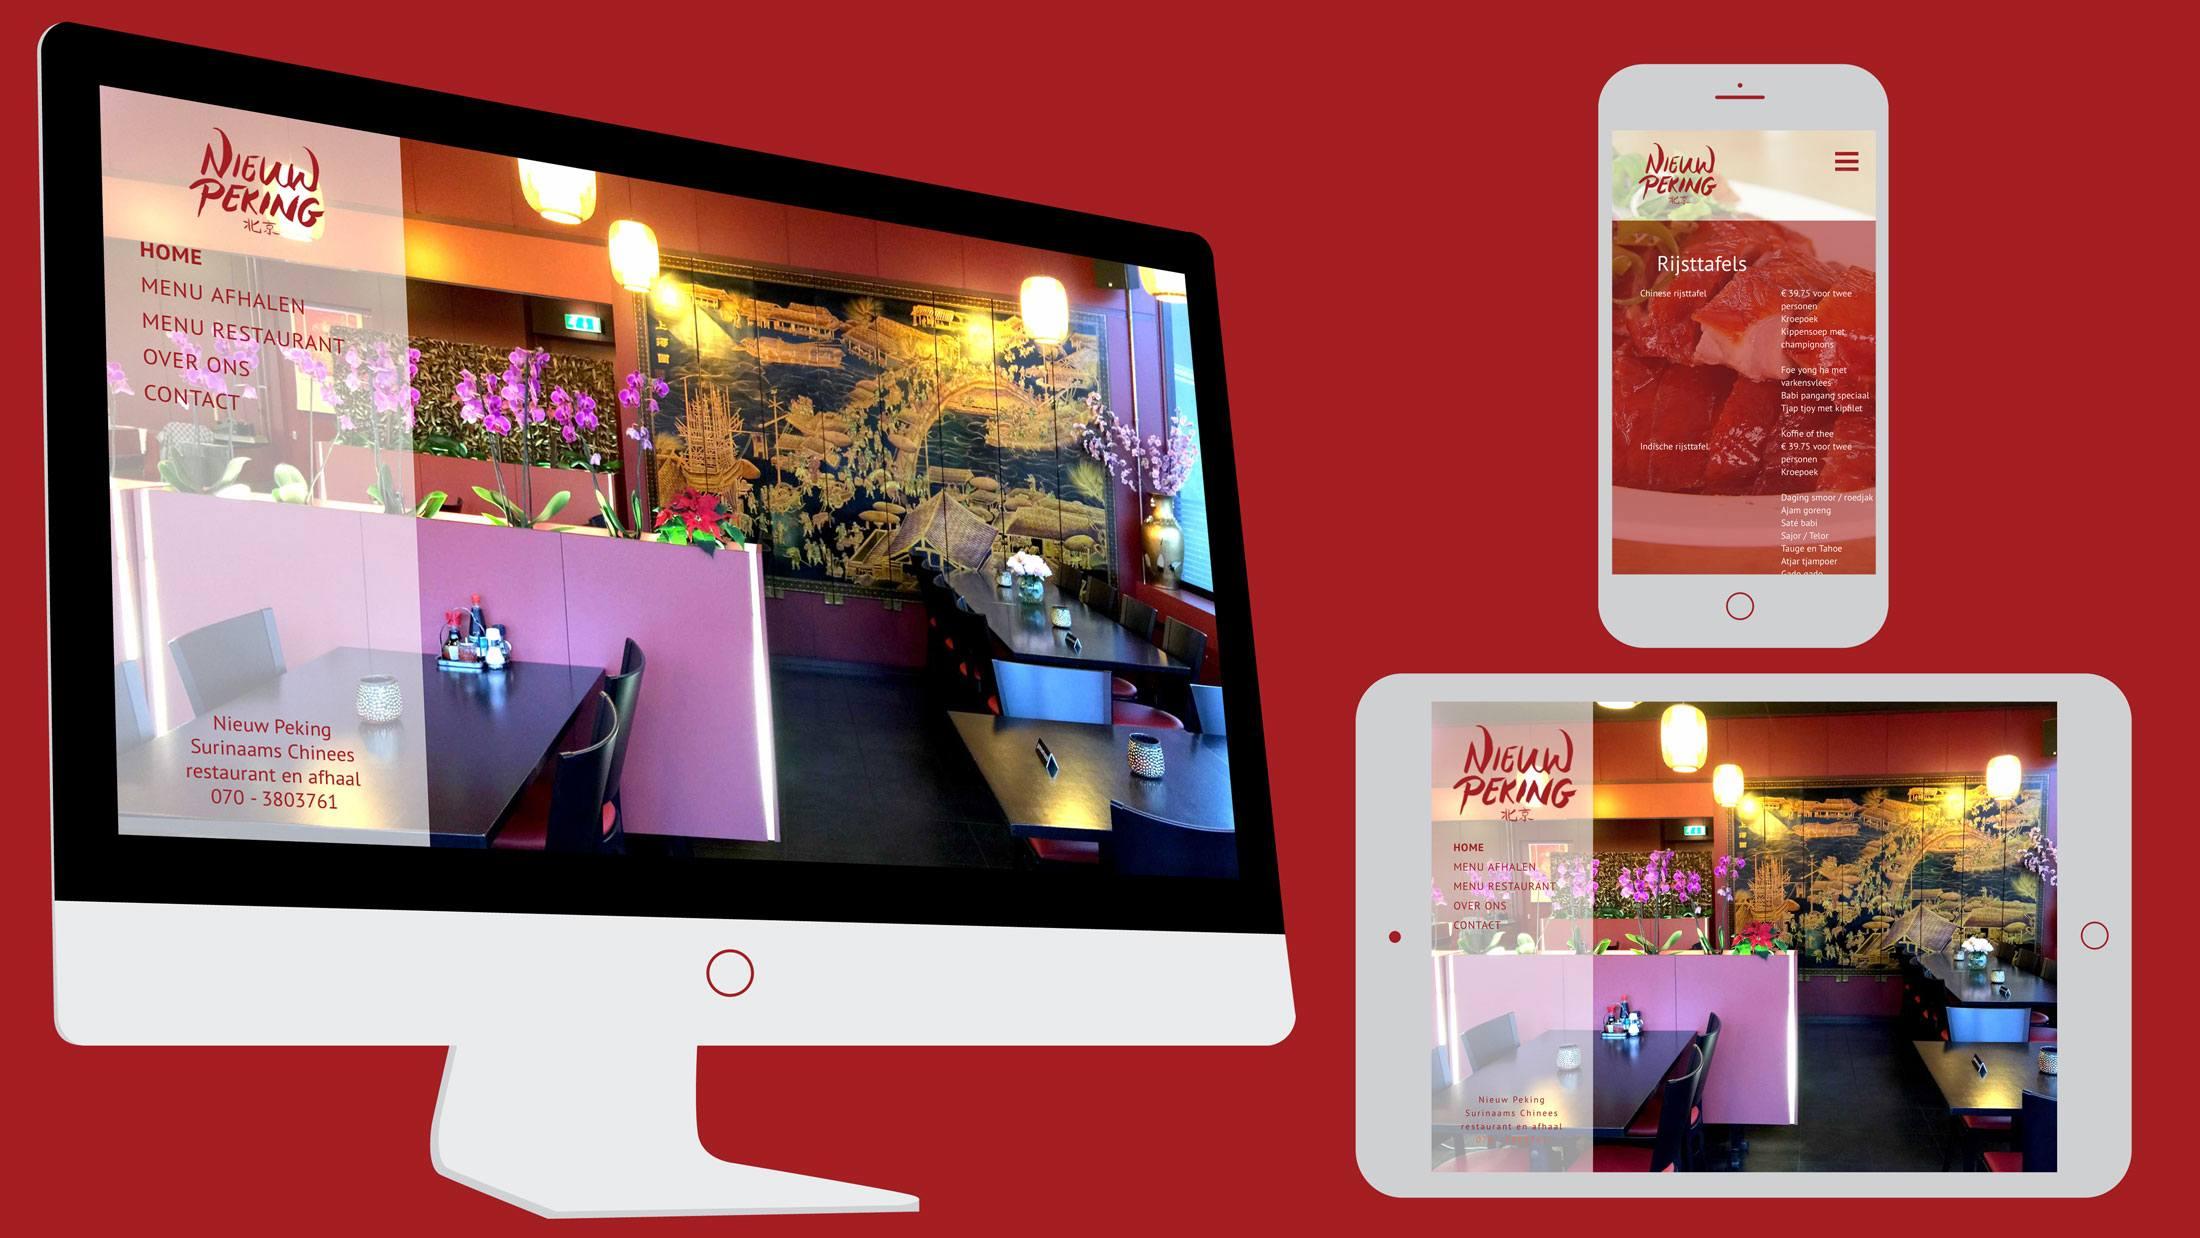 Mixus studio Nieuw peking website